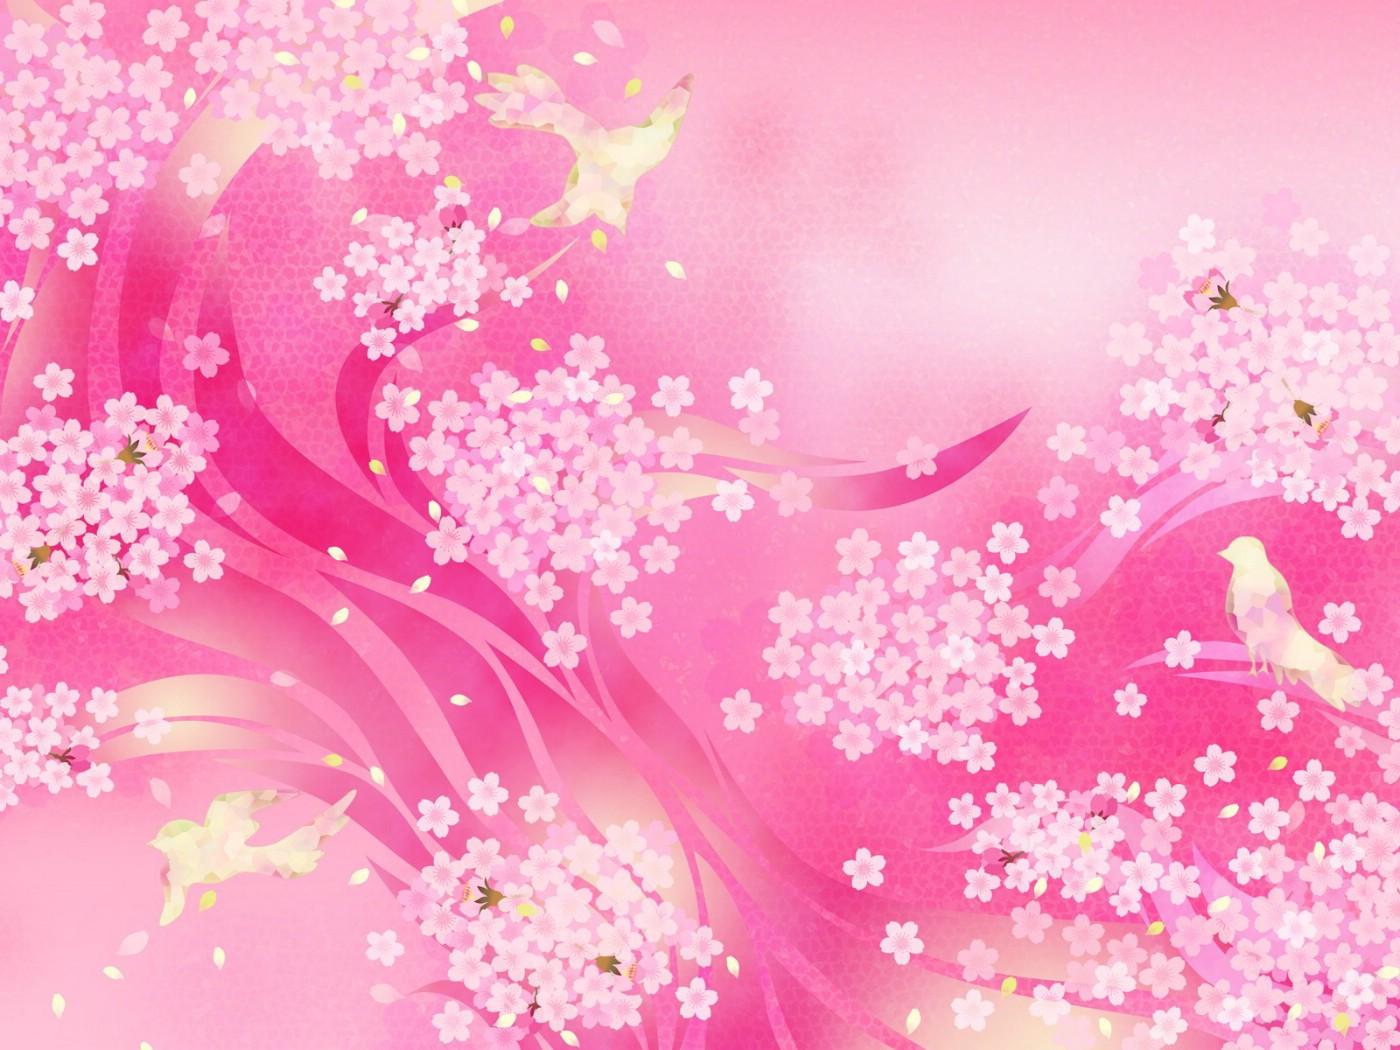 壁纸1400×1050甜美系 小碎花美丽图案设计壁纸 美丽碎花布 之 粉红甜美系壁纸图片花卉壁纸花卉图片素材桌面壁纸